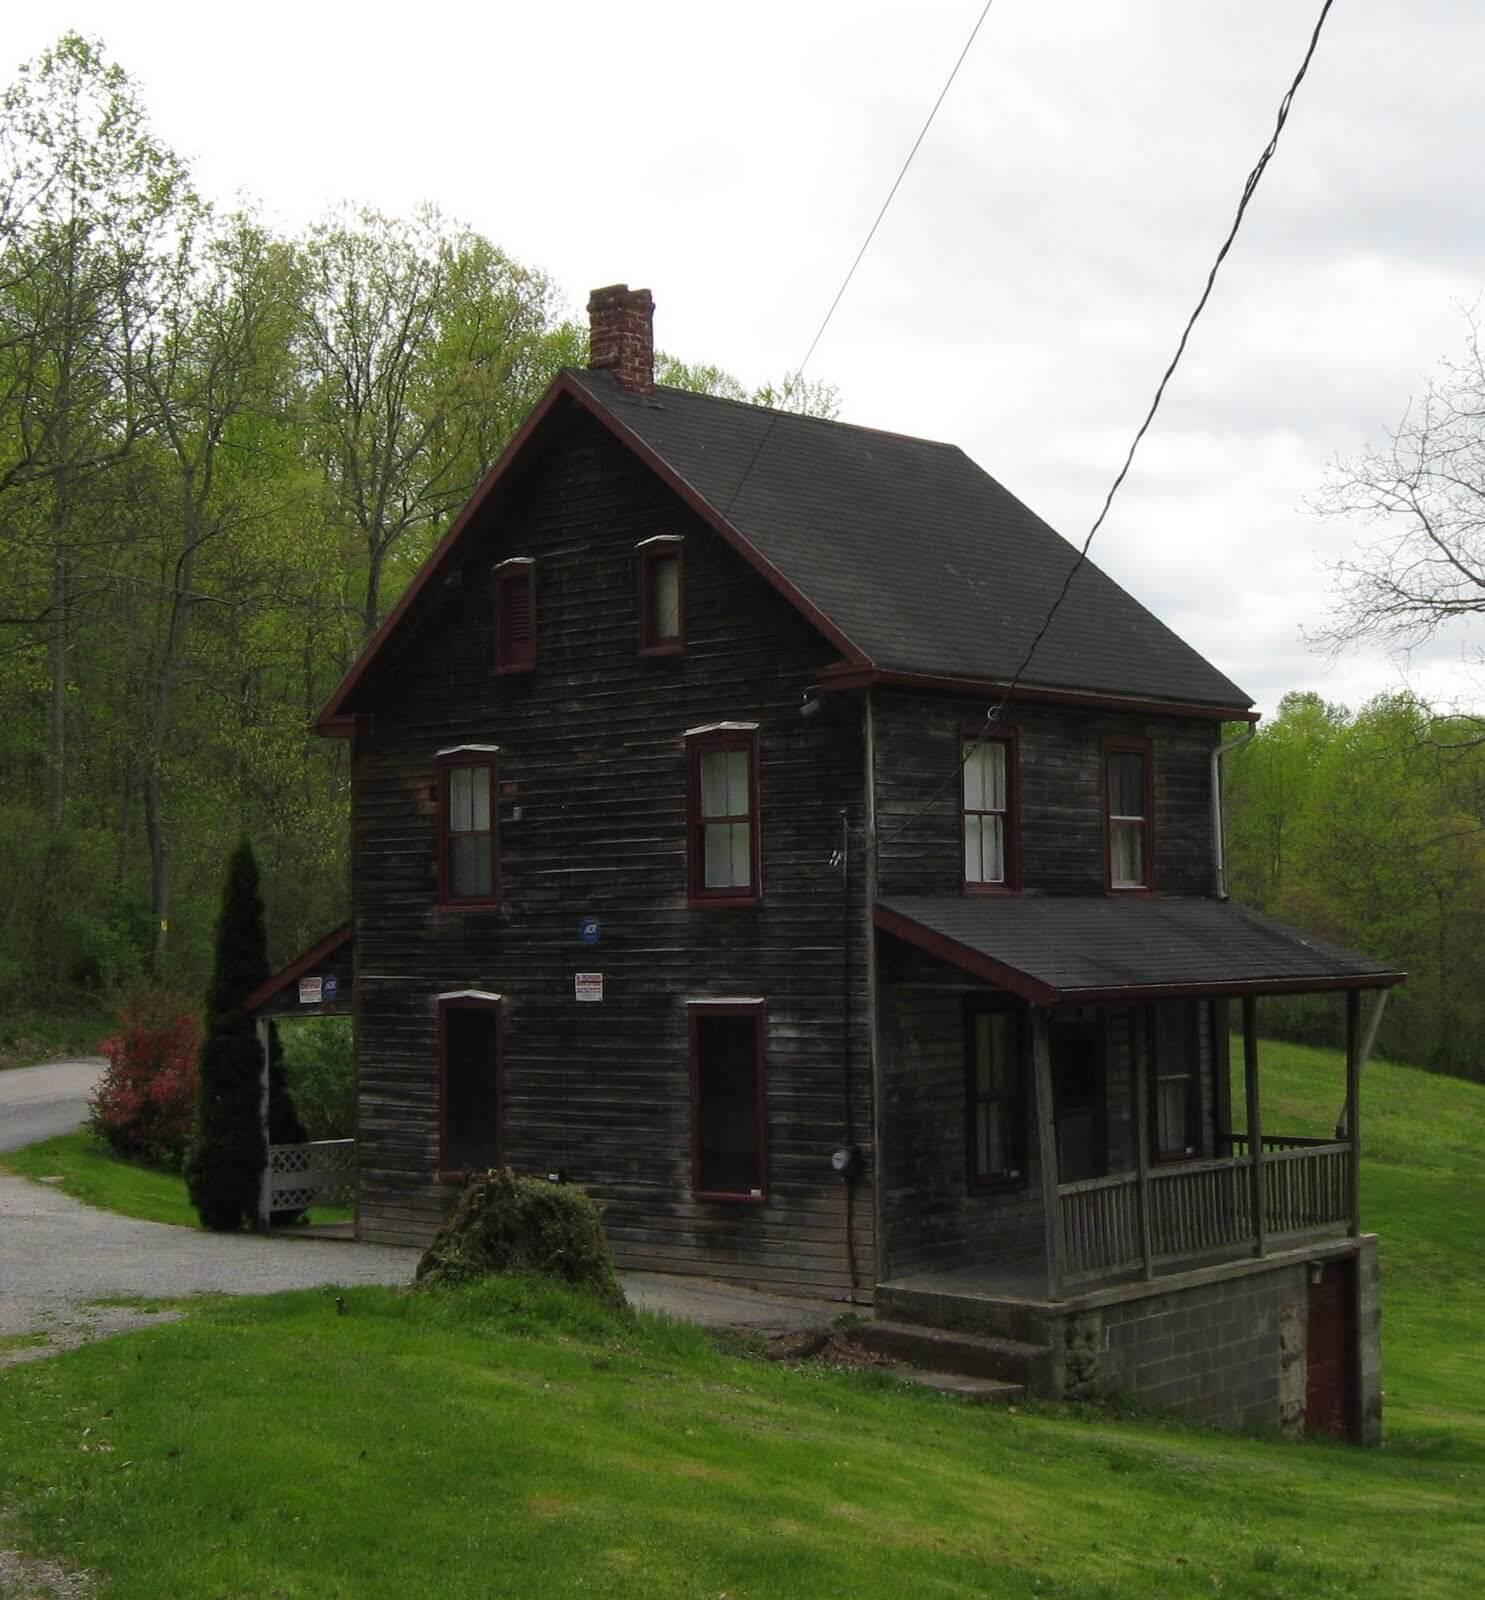 La storia di Nelson Rehmeyer: la casa stregata e maledetta di Hex Hollow.